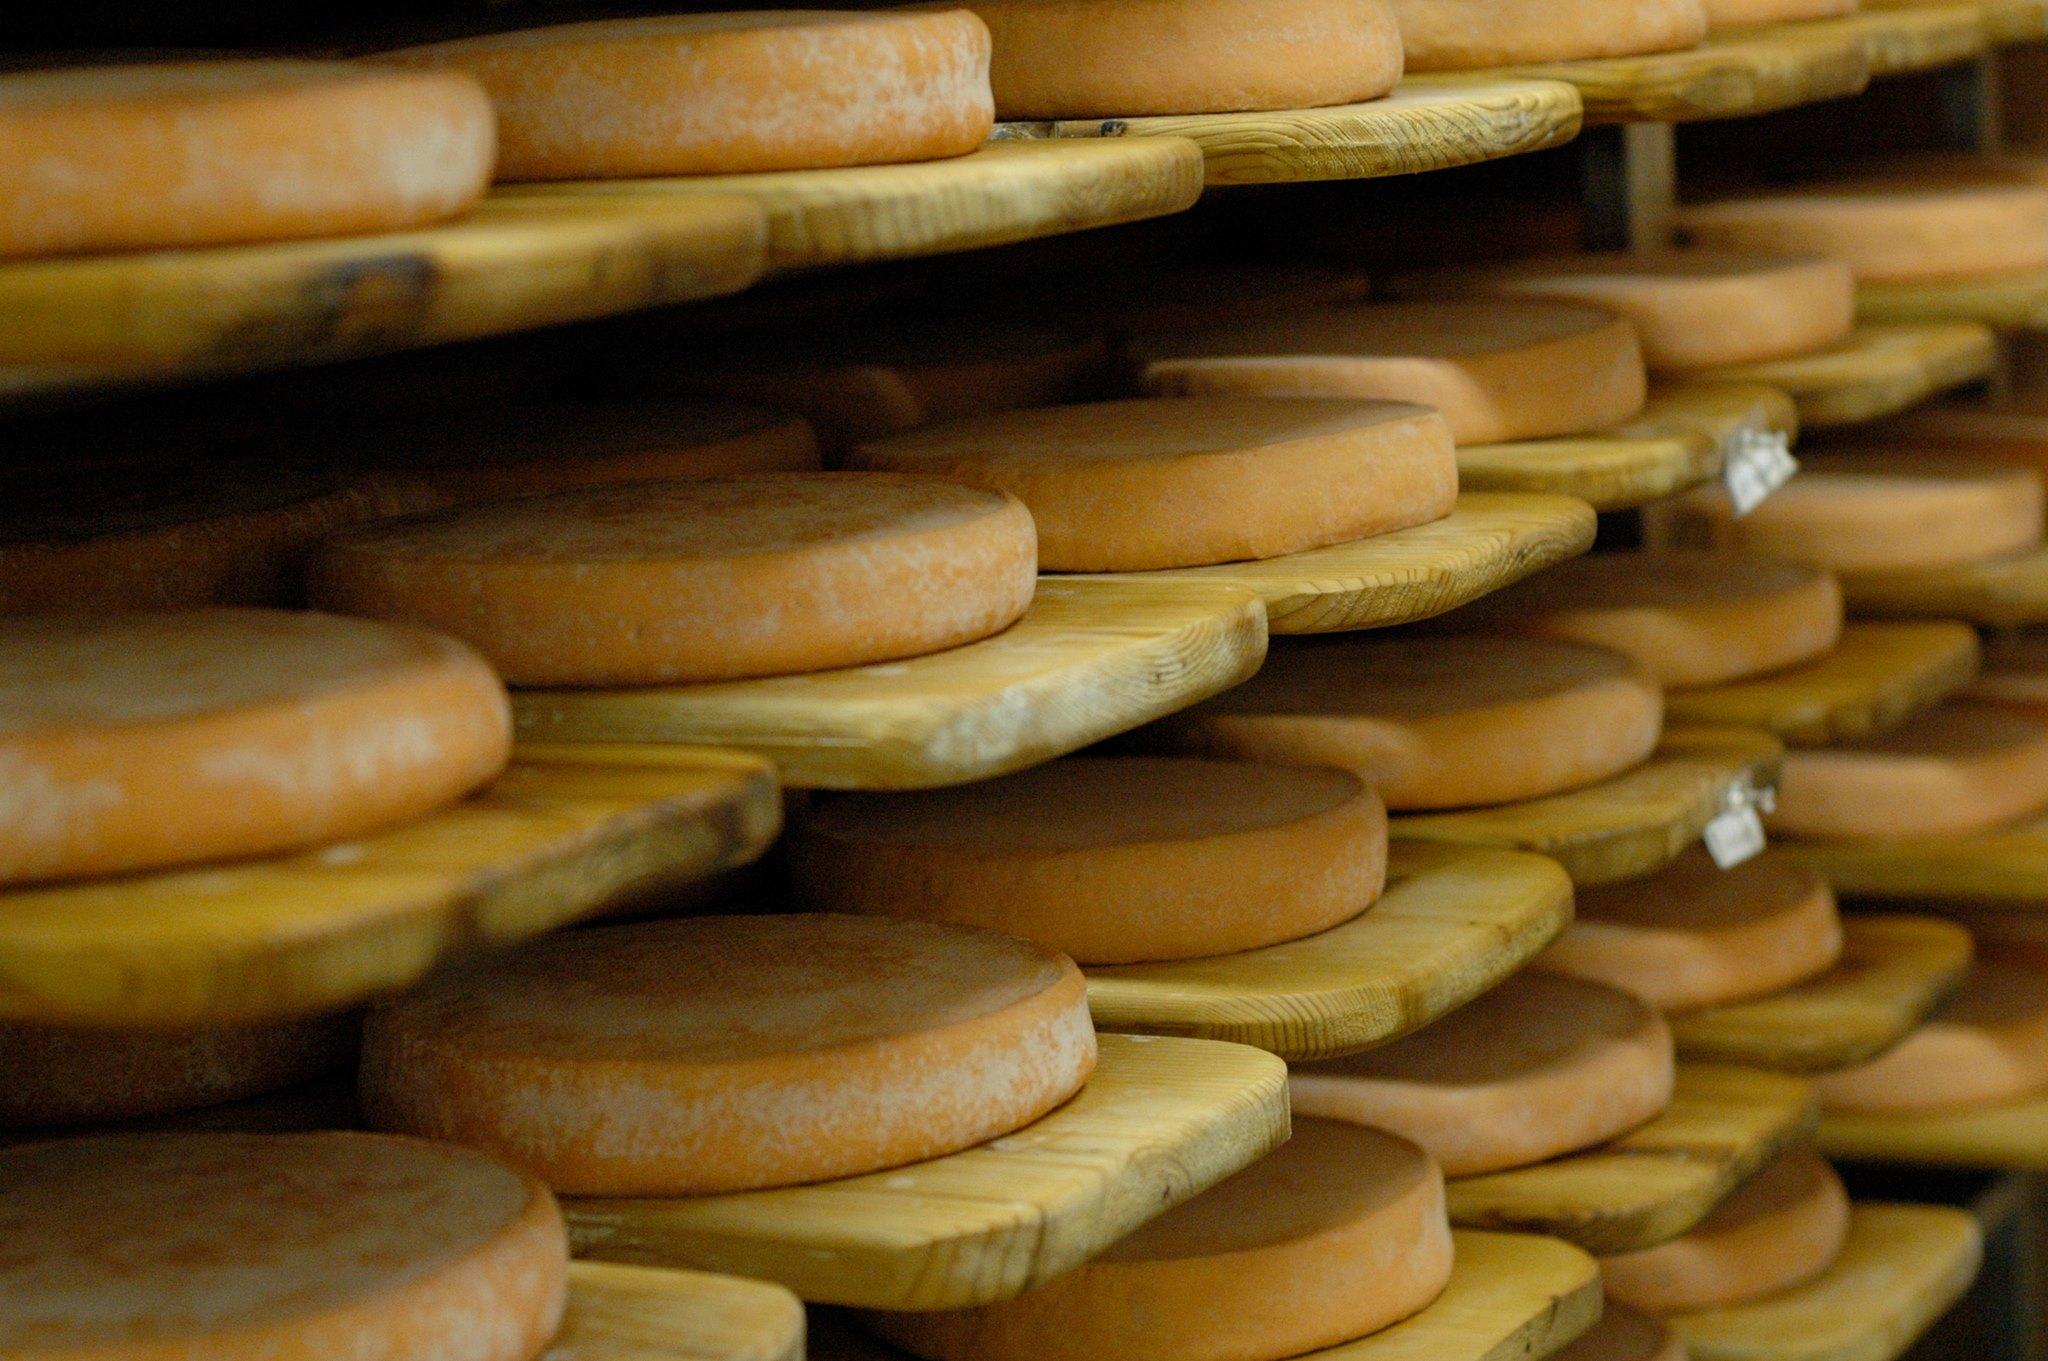 Photo: Facebook Association des fromagers artisans du Québec Les fromagers québécois s'inquiètent de l'impact de l'AECG sur le marché québécois et canadien du fromage alors que les fromages européens seront sans doute plus accessibles sur le marché d'ici.